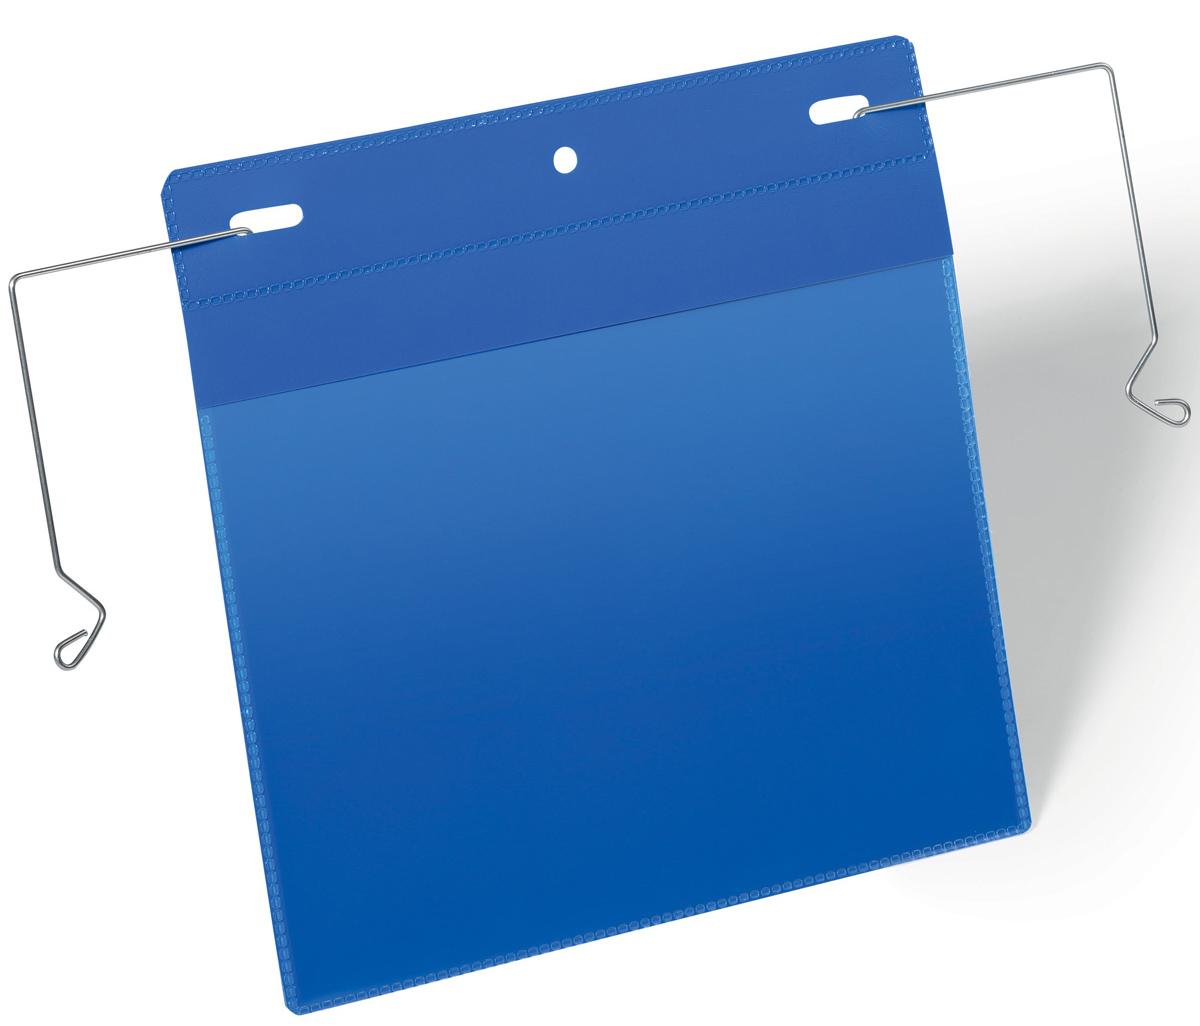 Durable Карман с фиксатором цвет синий1752-07Карман для маркировки транспортных контейнеров, складских коробов, емкостей в металлической или деревянной обрешетке. Гальванизированная эластичная проволока для быстрой и надежной фиксации кармана. Благодаря специальному клапану, защищающему вкладыш от осадков и пыли, может использоваться на улице. Синяя подложка и прозрачное окошко выполнены из износостойкого полипропилена. Не бликует, что удобно для сканирования, не вынимая документ. Быстрая и удобная замена вкладыша. Для оформления вкладыша воспользуйтесь бесплатной программой DURAPRINTВнутренние размеры: A5 горизонтальныйВнешние размеры: 223 x 218 мм (Ш x В)Внешние размеры с механизмом фиксации: 329 х 226 мм (Ш х В)Упаковка: 50 шт.